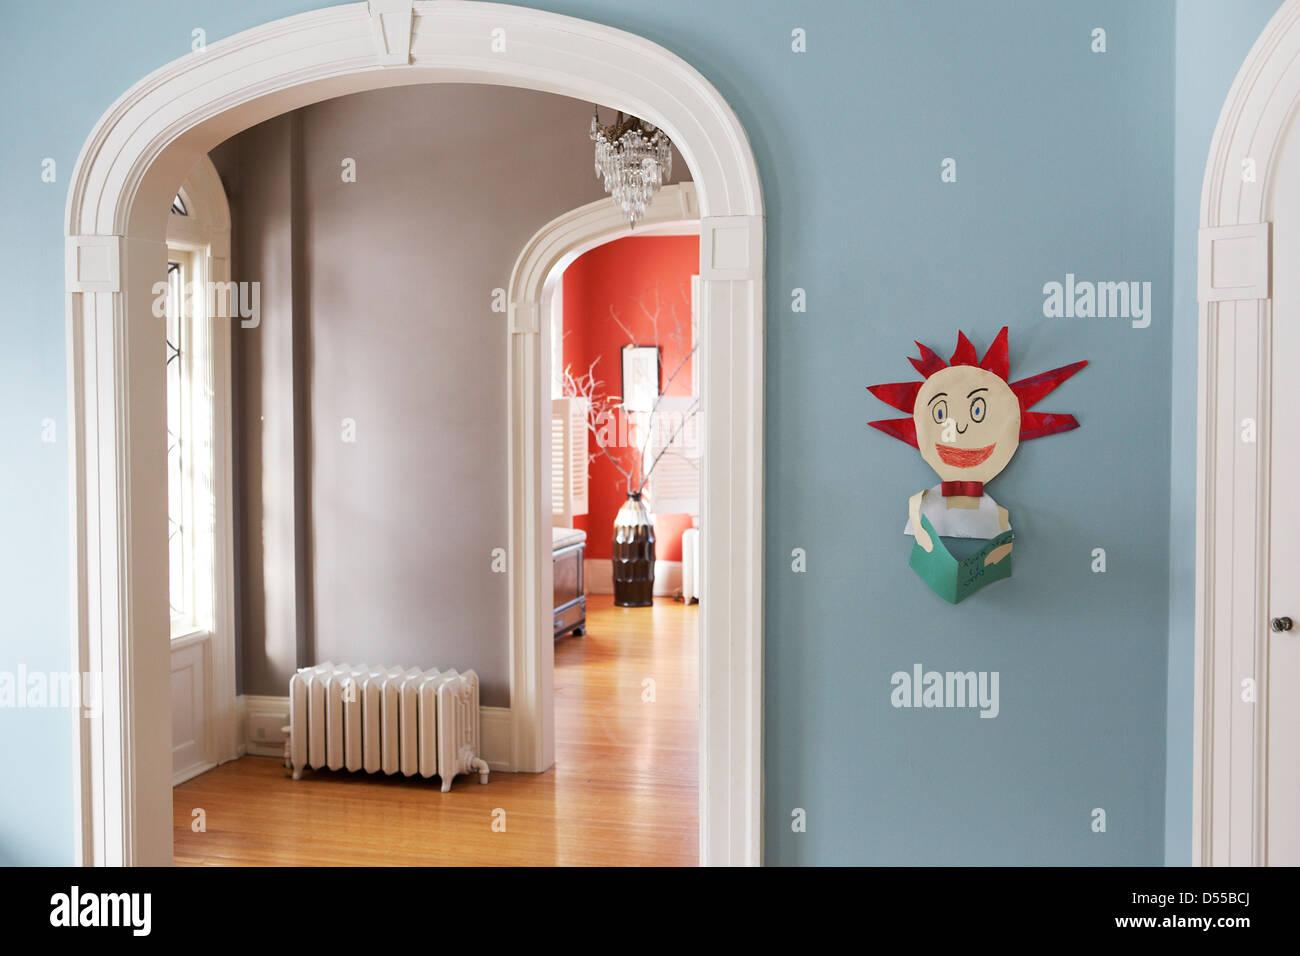 Obras de arte del niño colgando en elegante casa Imagen De Stock